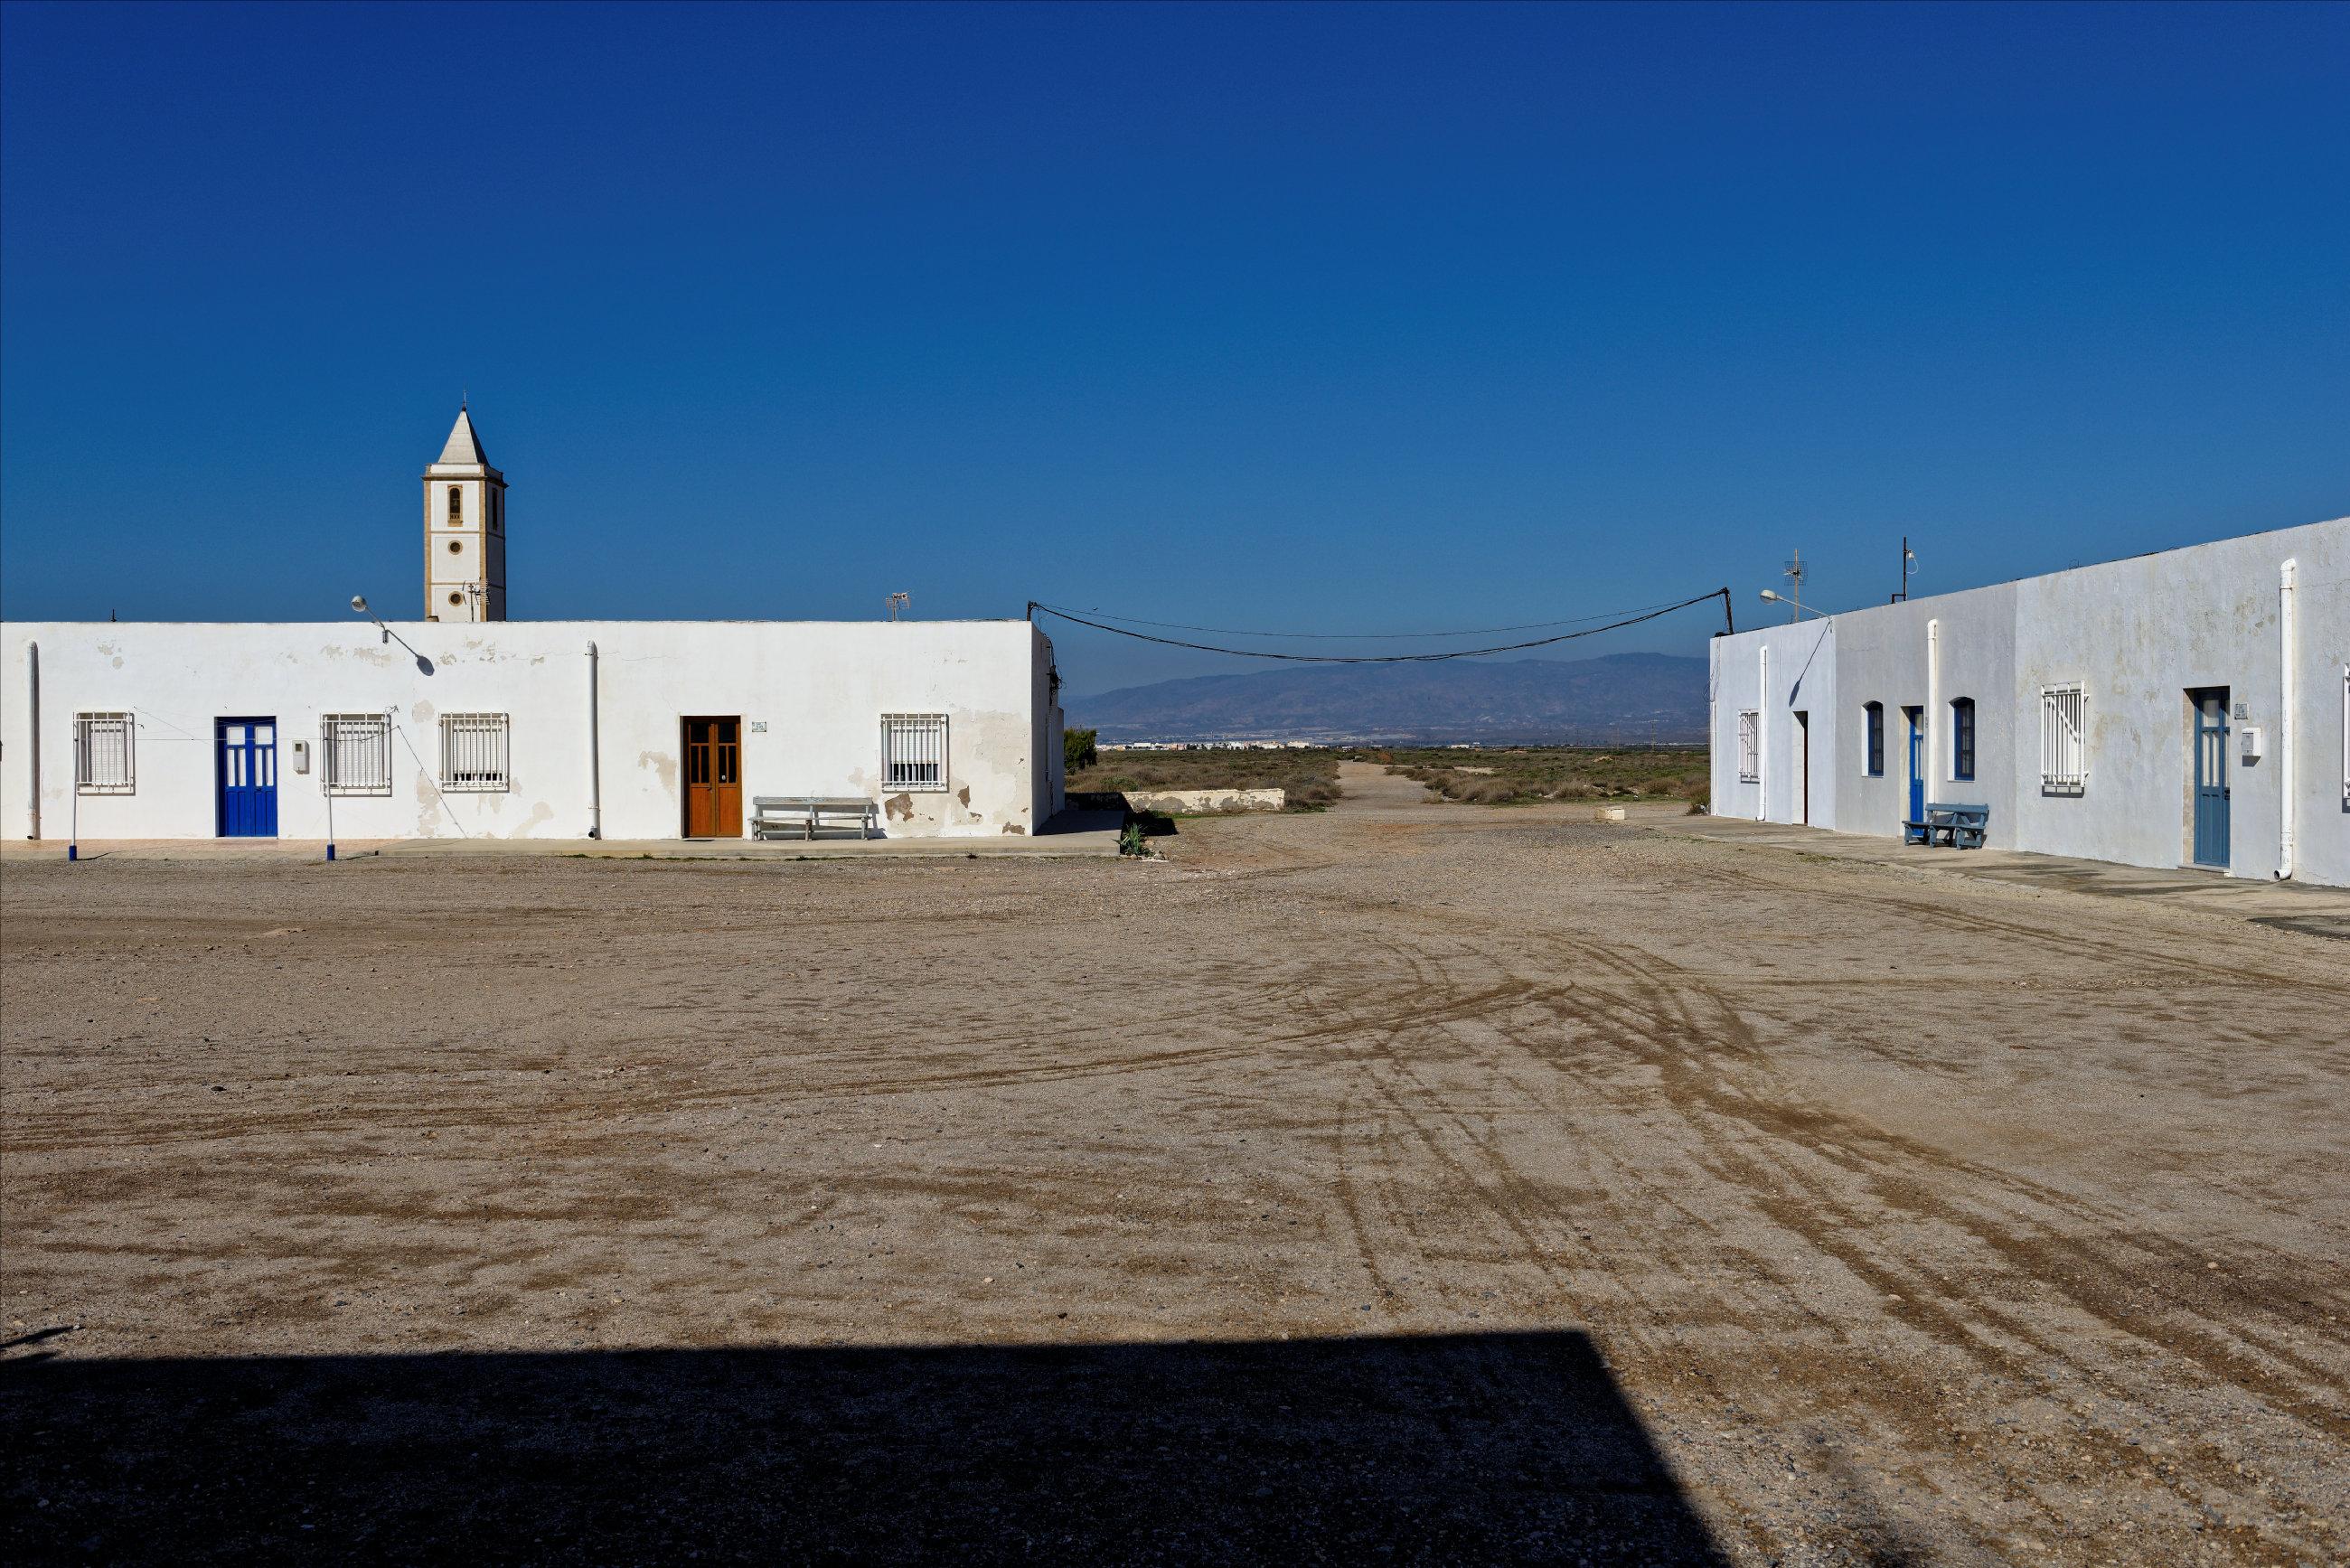 151109-Cabo de Gata-La Almadraba de Monteleva (69)